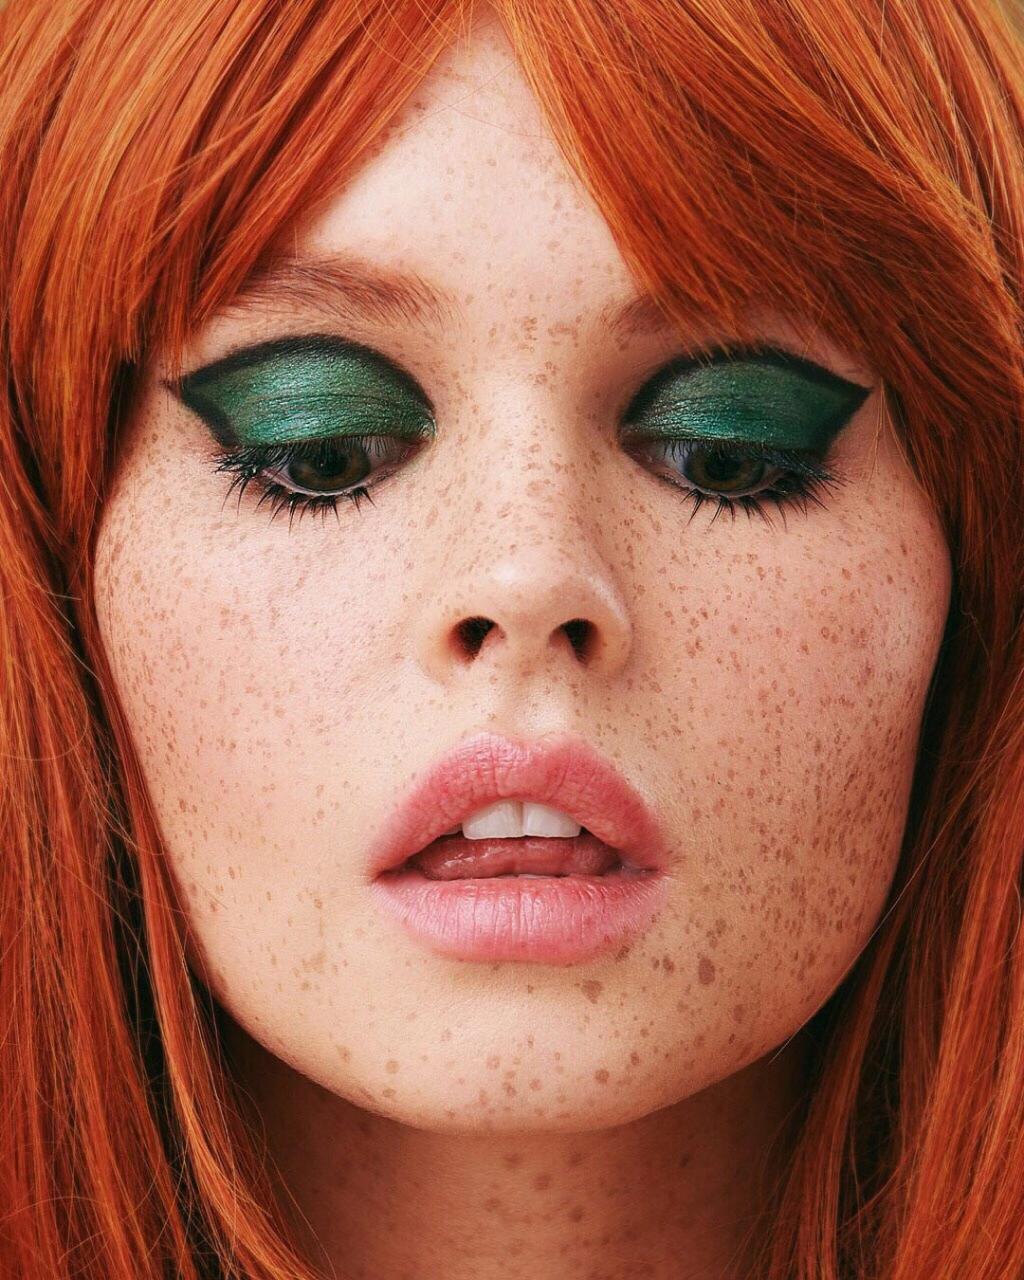 俄罗斯摄影师Kseniya Vetrova人像作品 雀斑女孩特写镜头 时尚图库 第9张